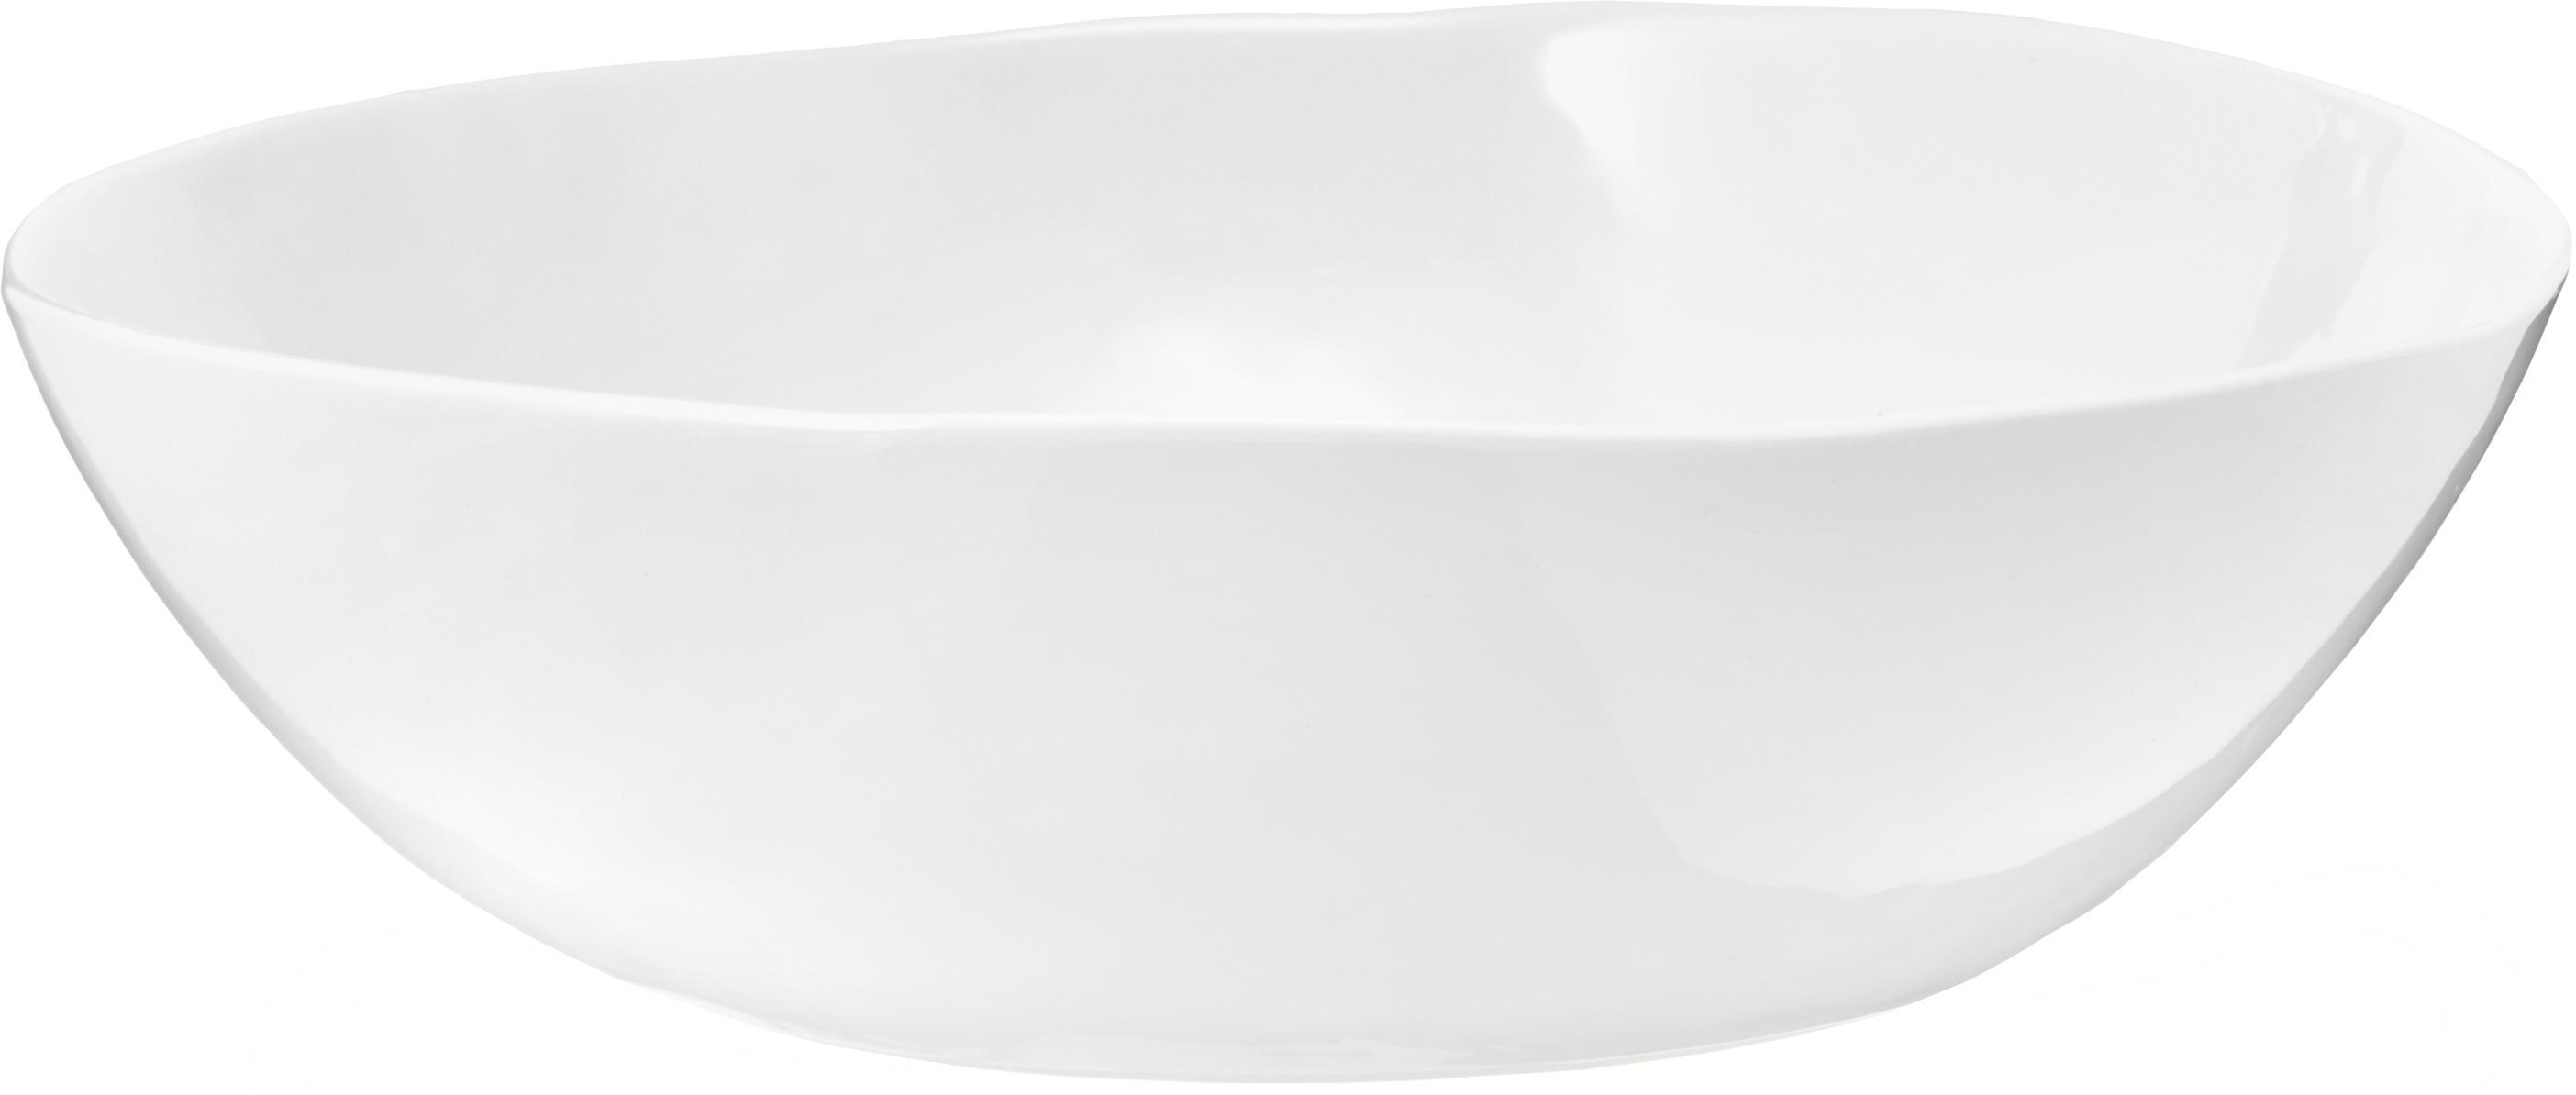 Ovale Schüssel Porcelino mit unebener Oberfläche, Porzellan, gewollt ungleichmäßig, Weiß, B 33 x T 37 cm